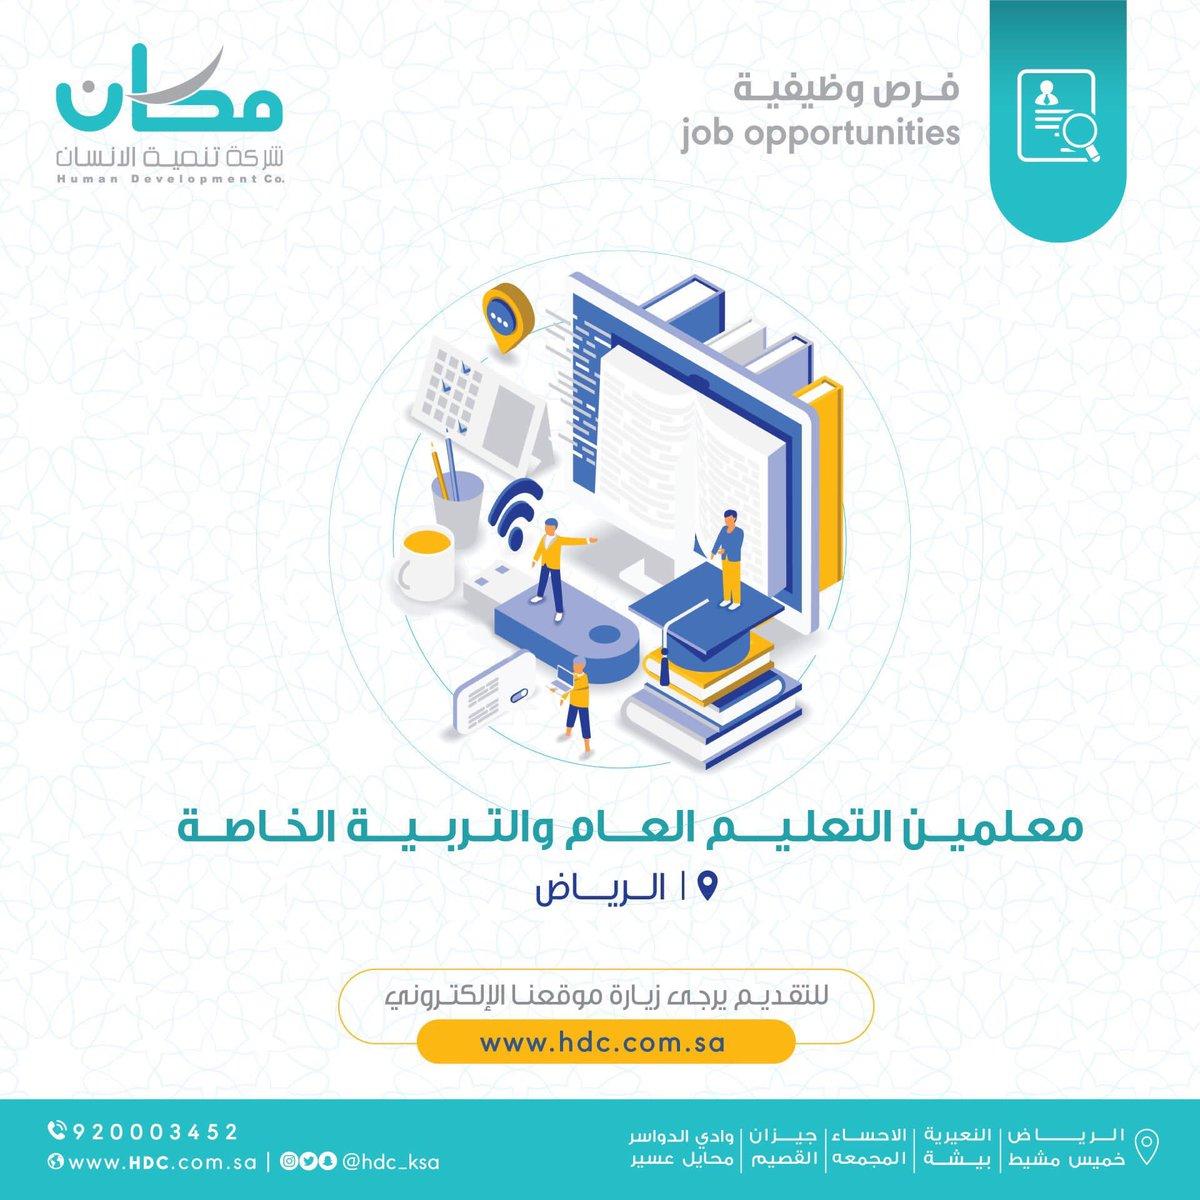 شركة تنمية الانسان وظائف تعليمية للنساء والرجال بالرياض